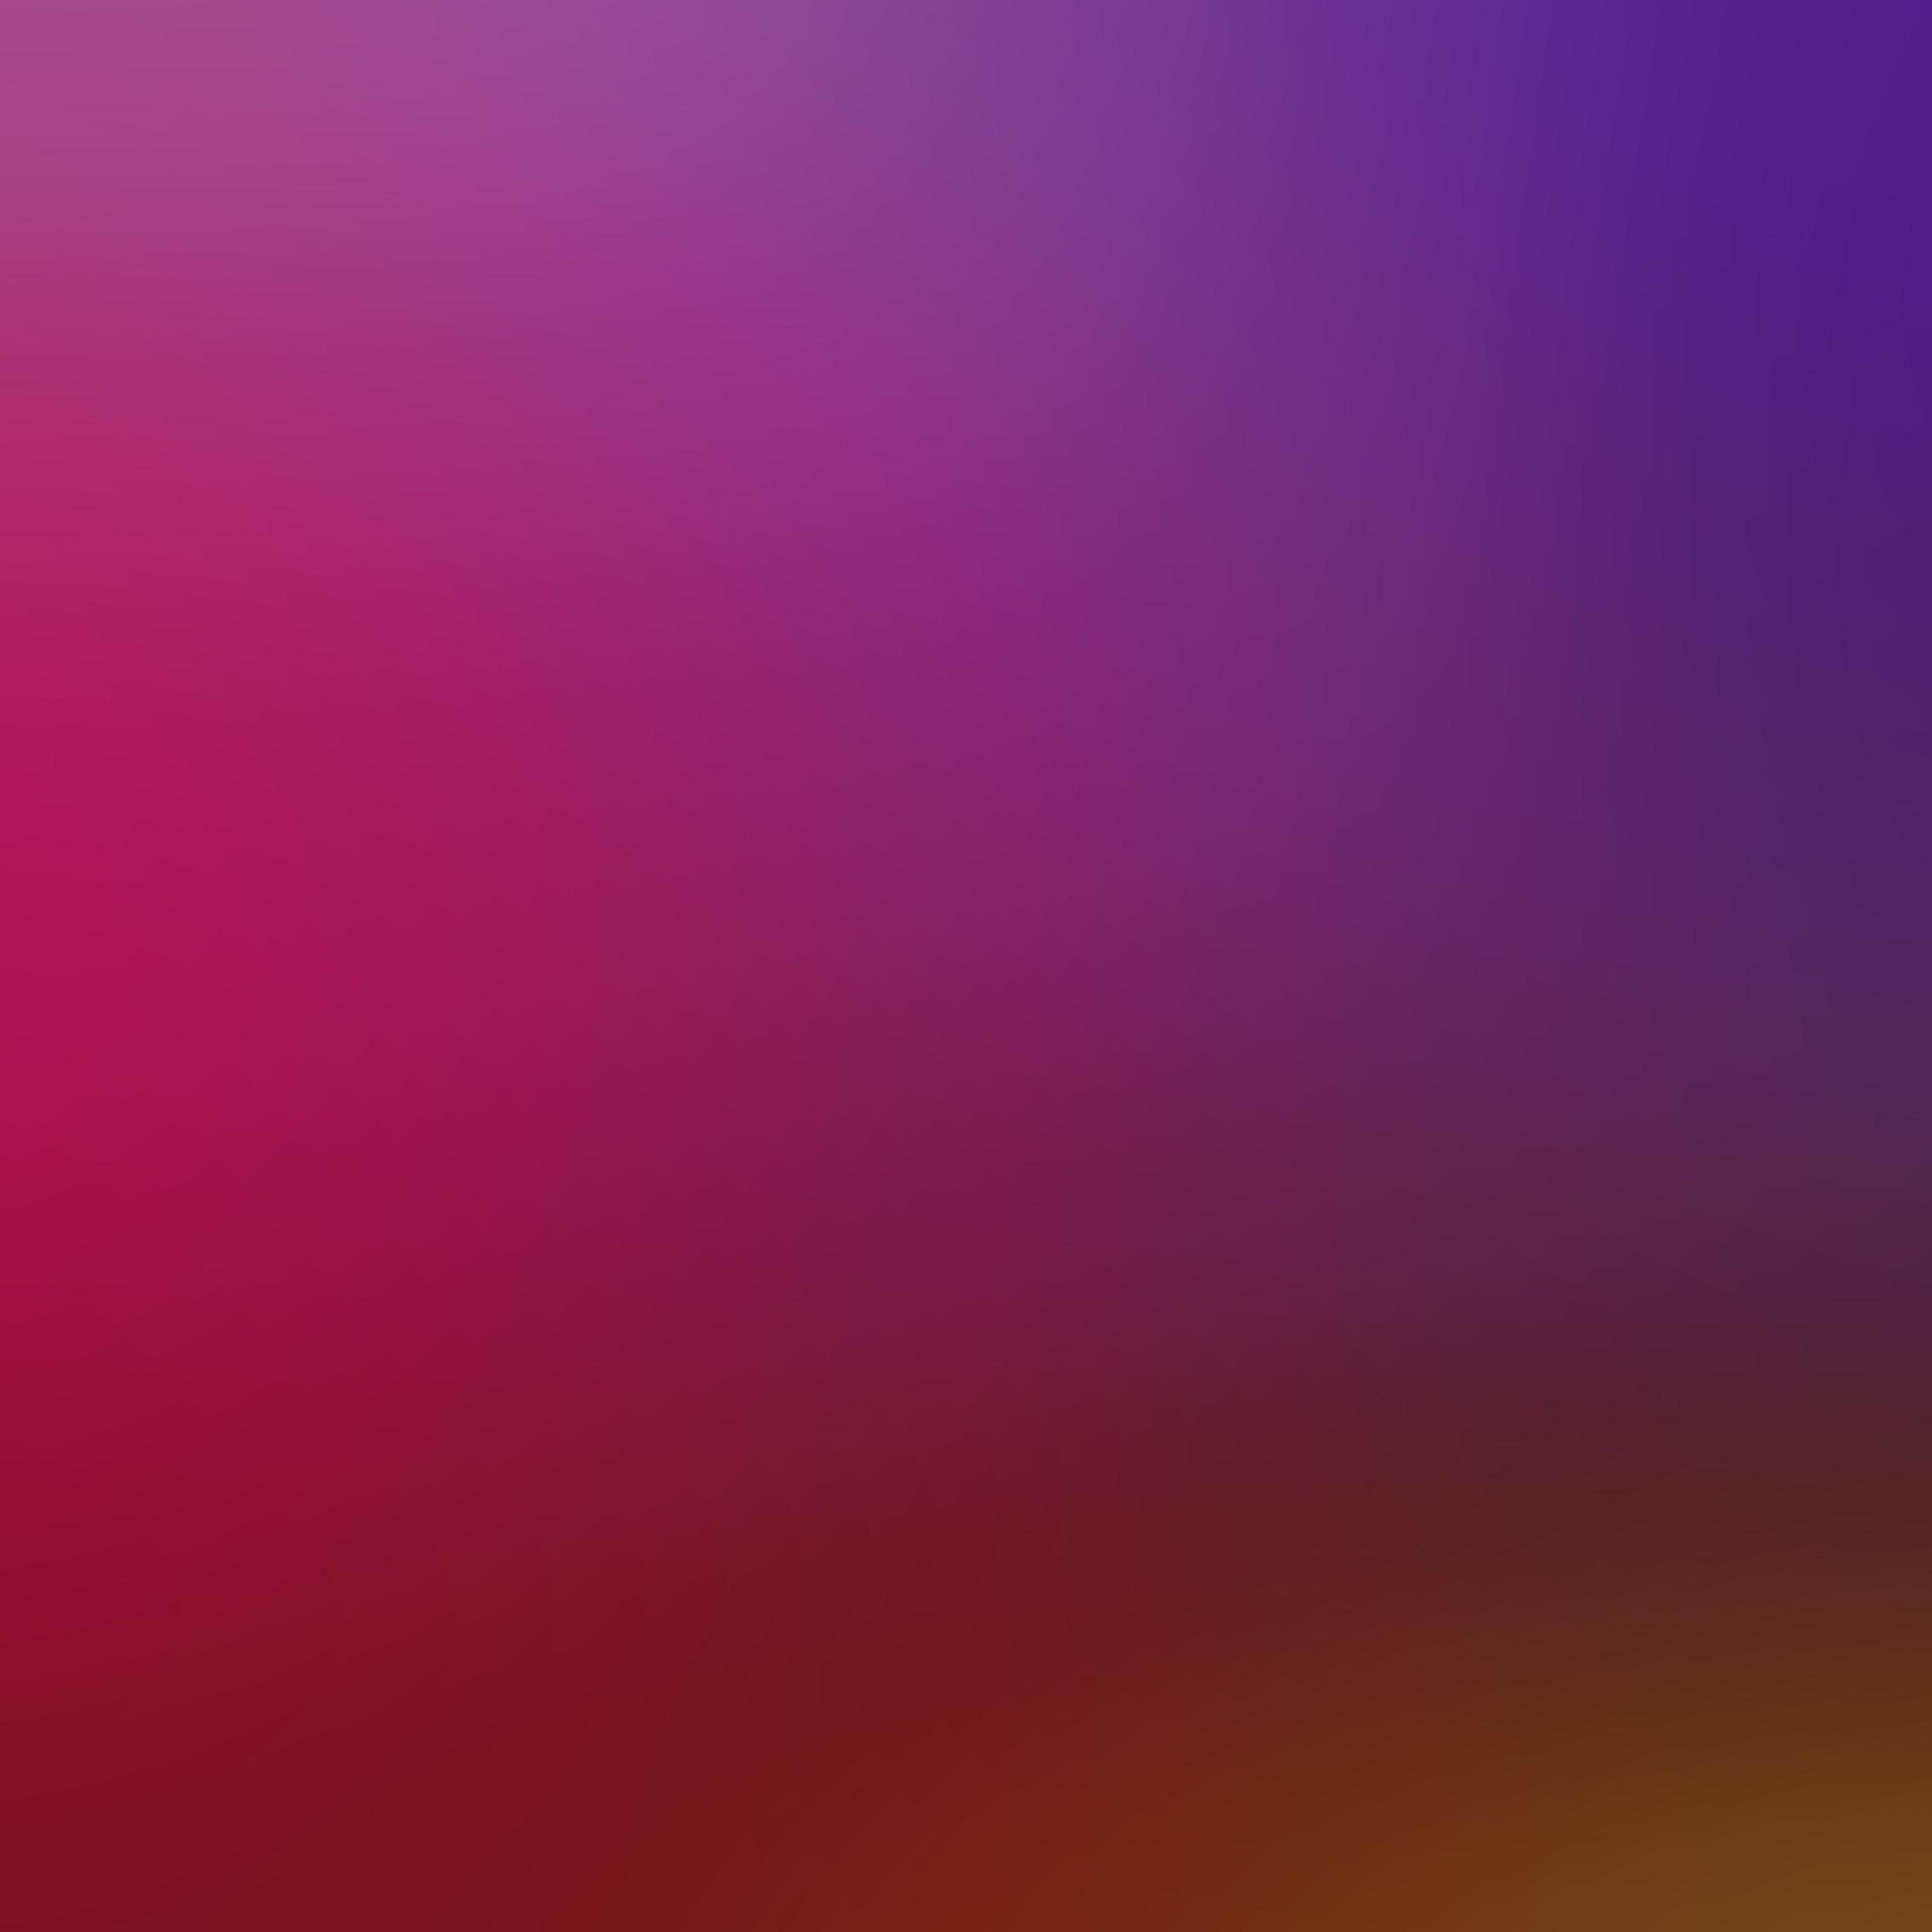 Wallpaper Iphone Violet: IPad Retina